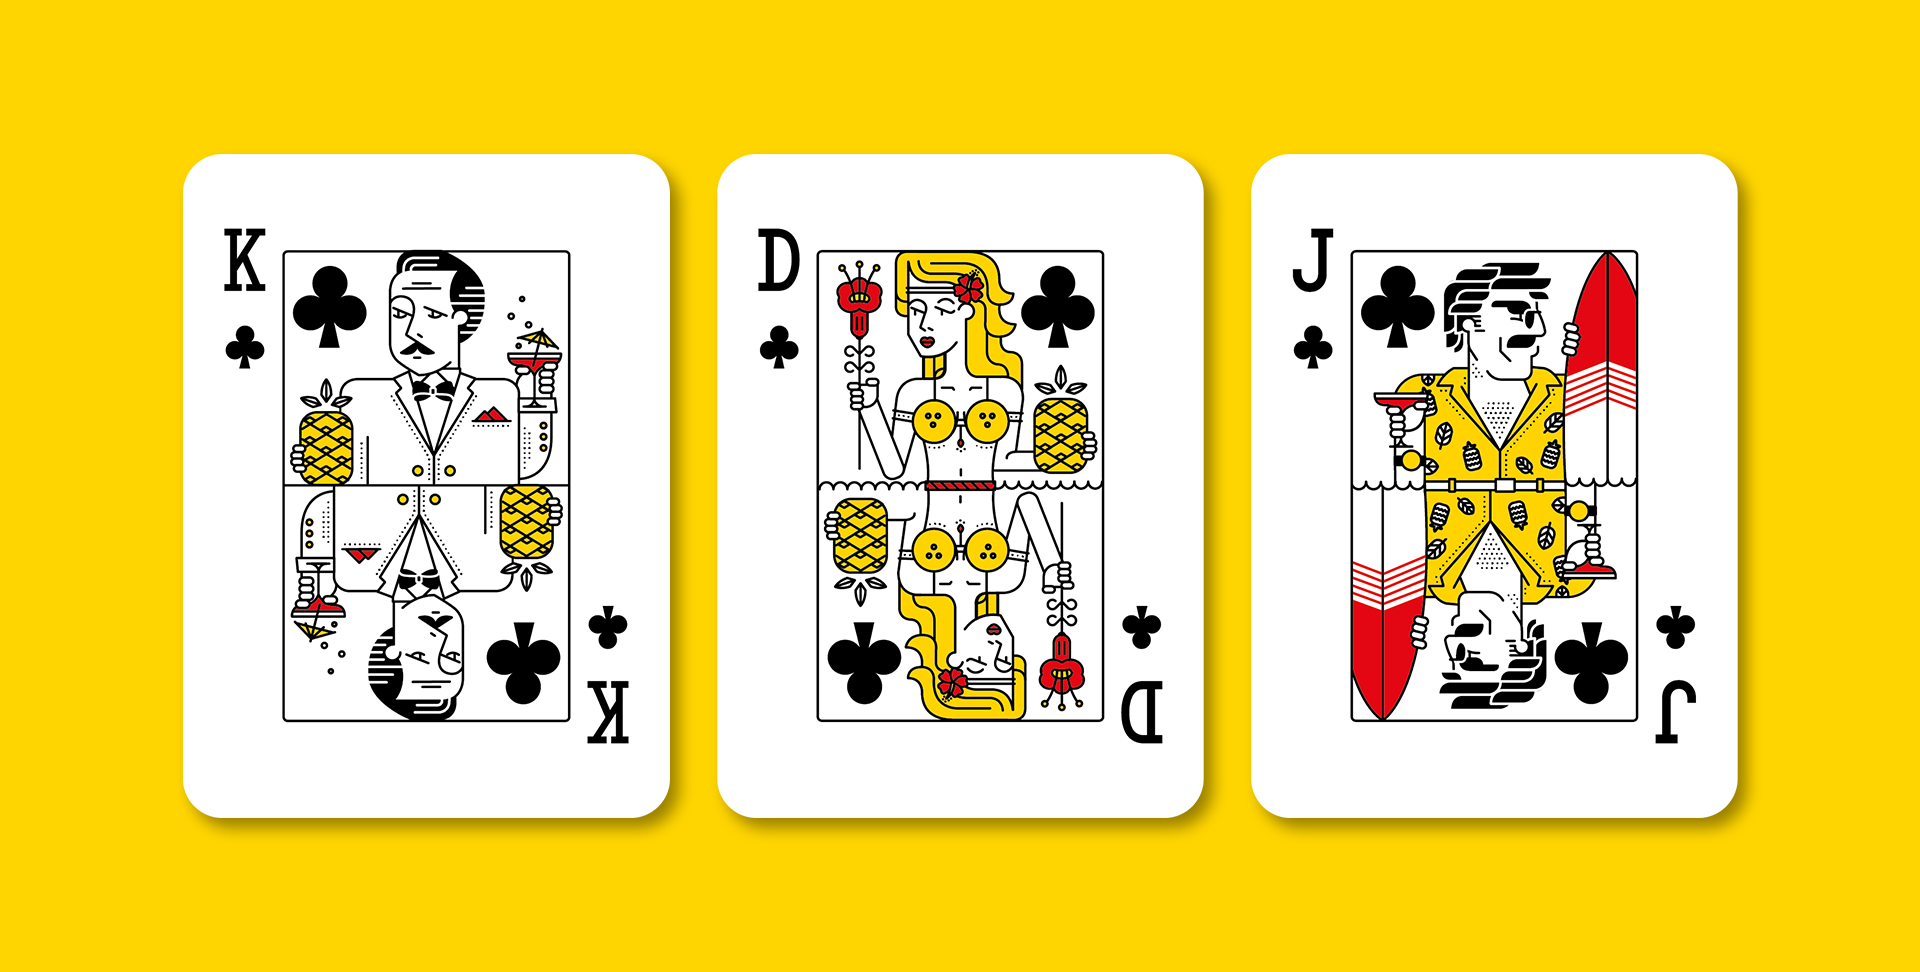 191128_higgins-cards_slide_04